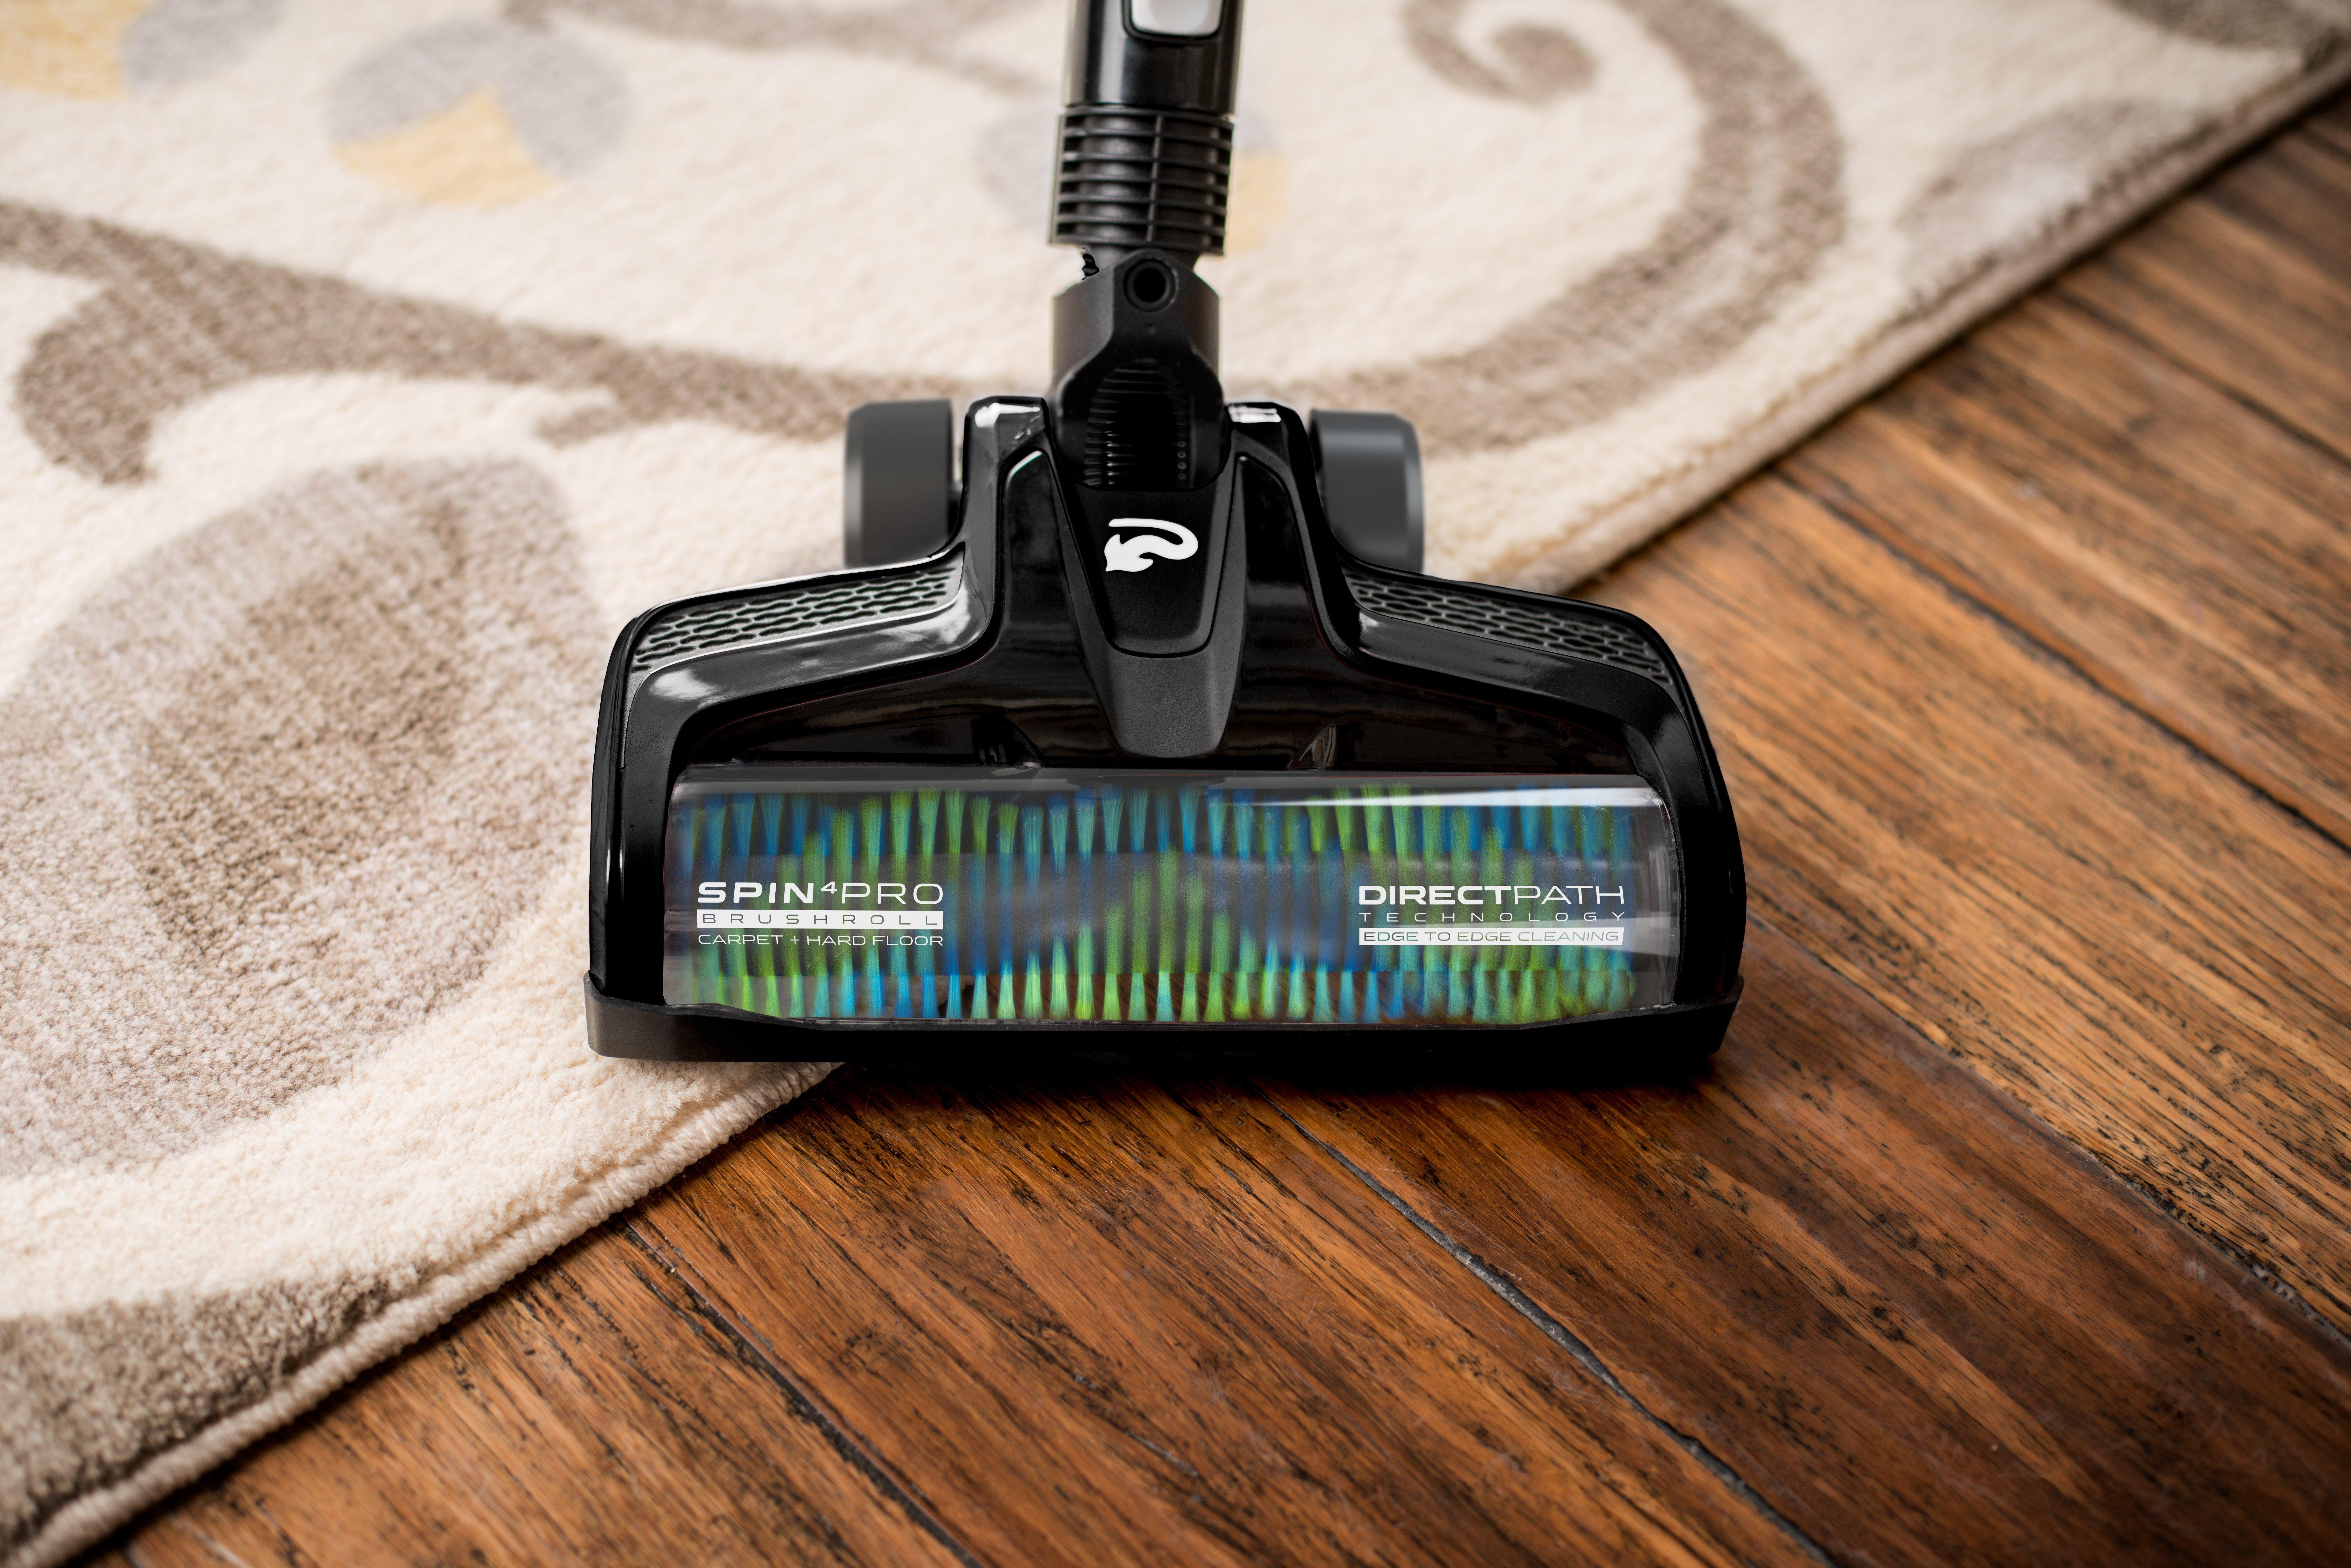 Reach Max 3-in-1 Cordless Stick Vacuum4